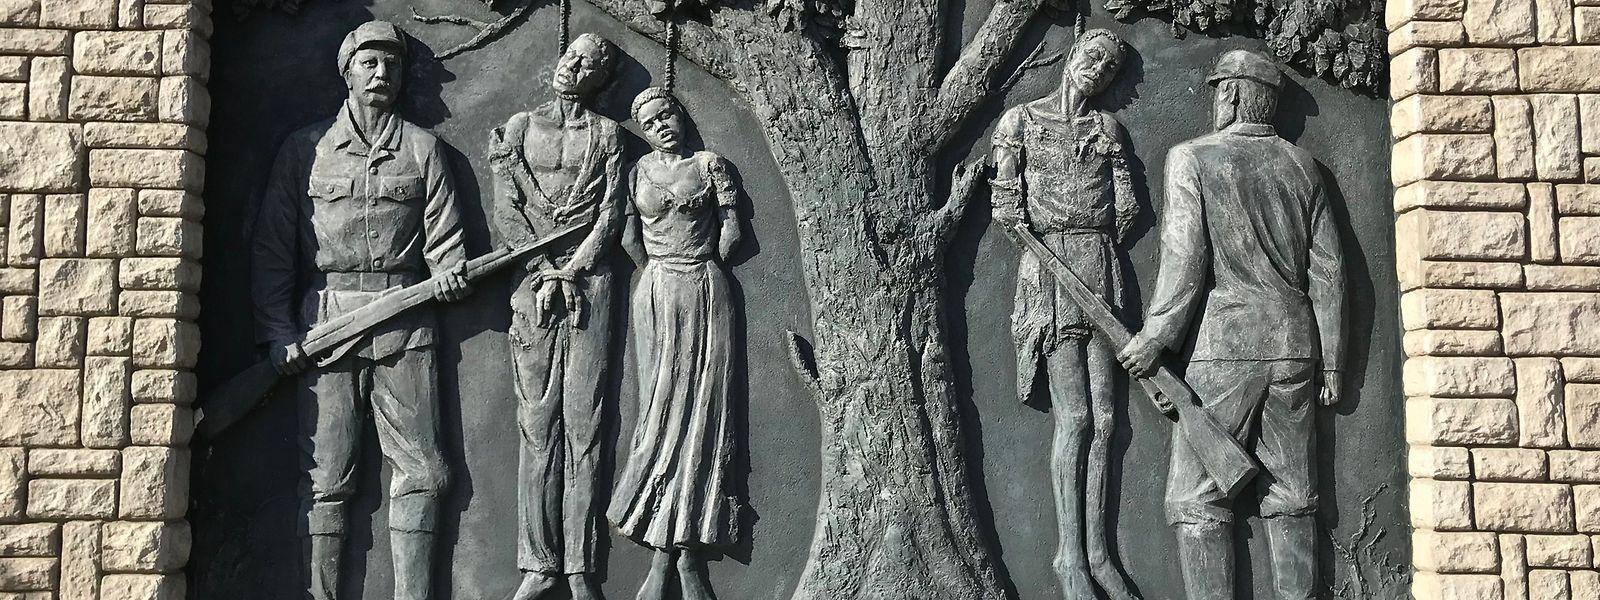 Ein Denkmal erinnert im Zentrum der namibischen Hauptstadt Windhuk an den von deutschen Kolonialtruppen begangenen Völkermord an den Herero und Nama von 1904 bis 1907.